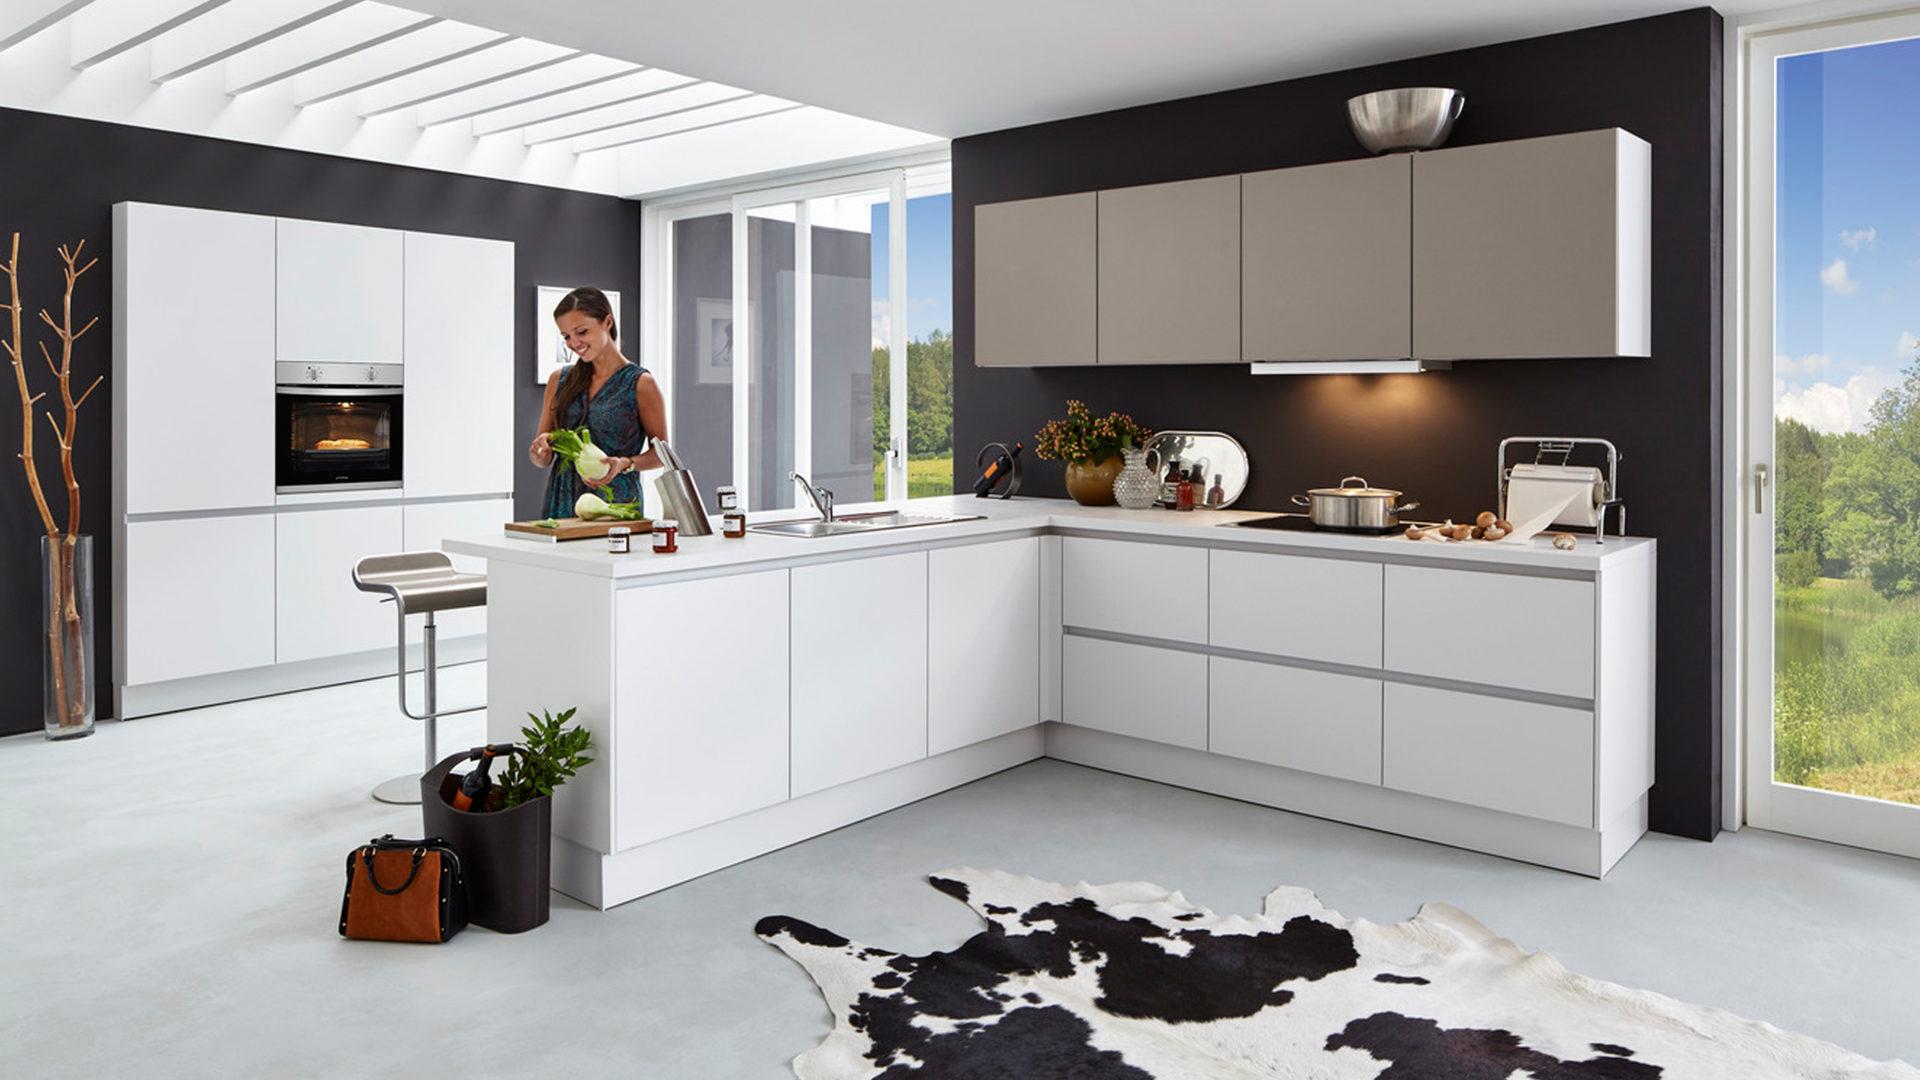 Hertel Möbel e.K. Gesees, Möbel A-Z, Küchen, Einbauküche, Culineo